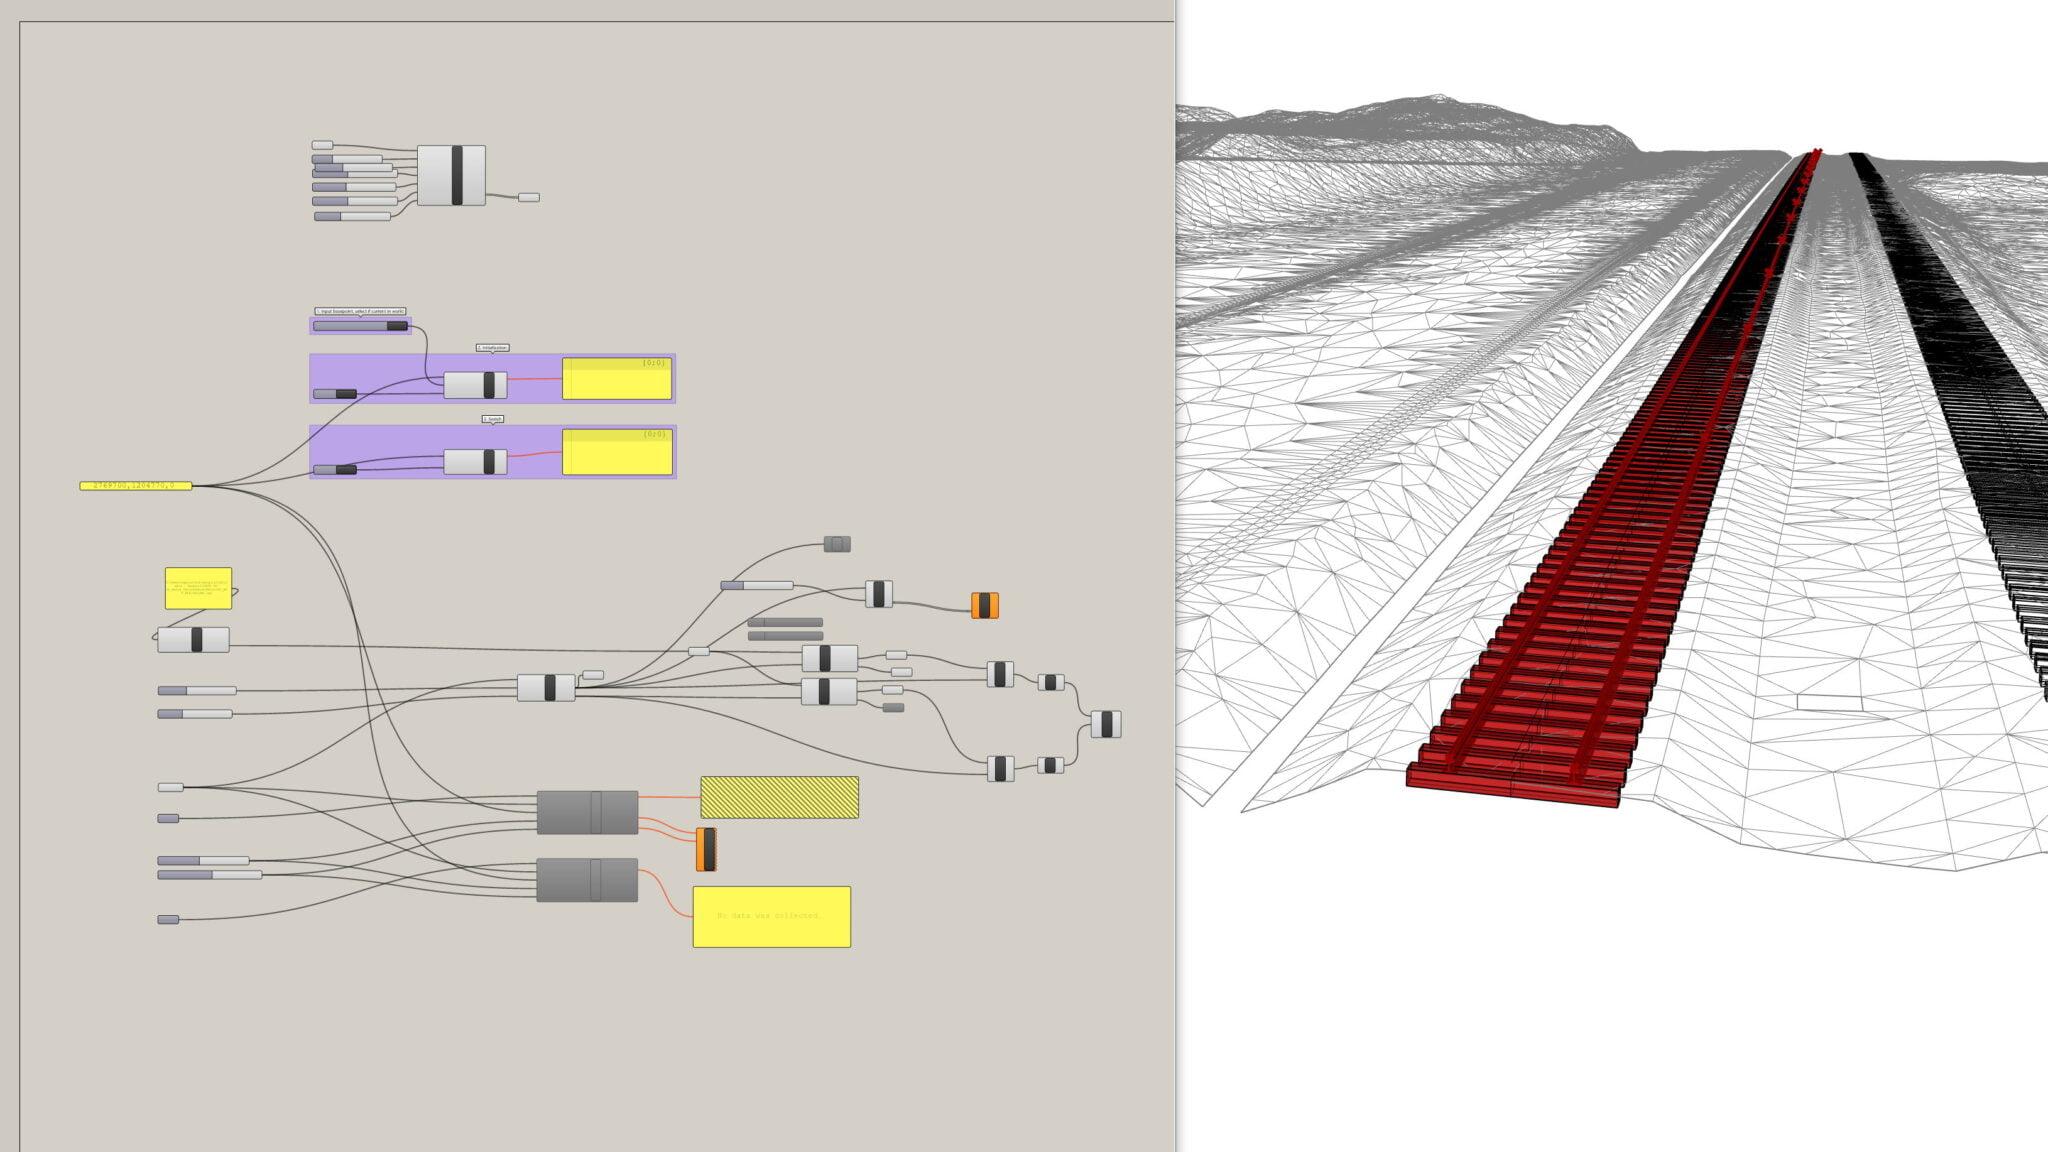 Parametrische 3D-Modellierung der RhB-Schienen und Schwellen